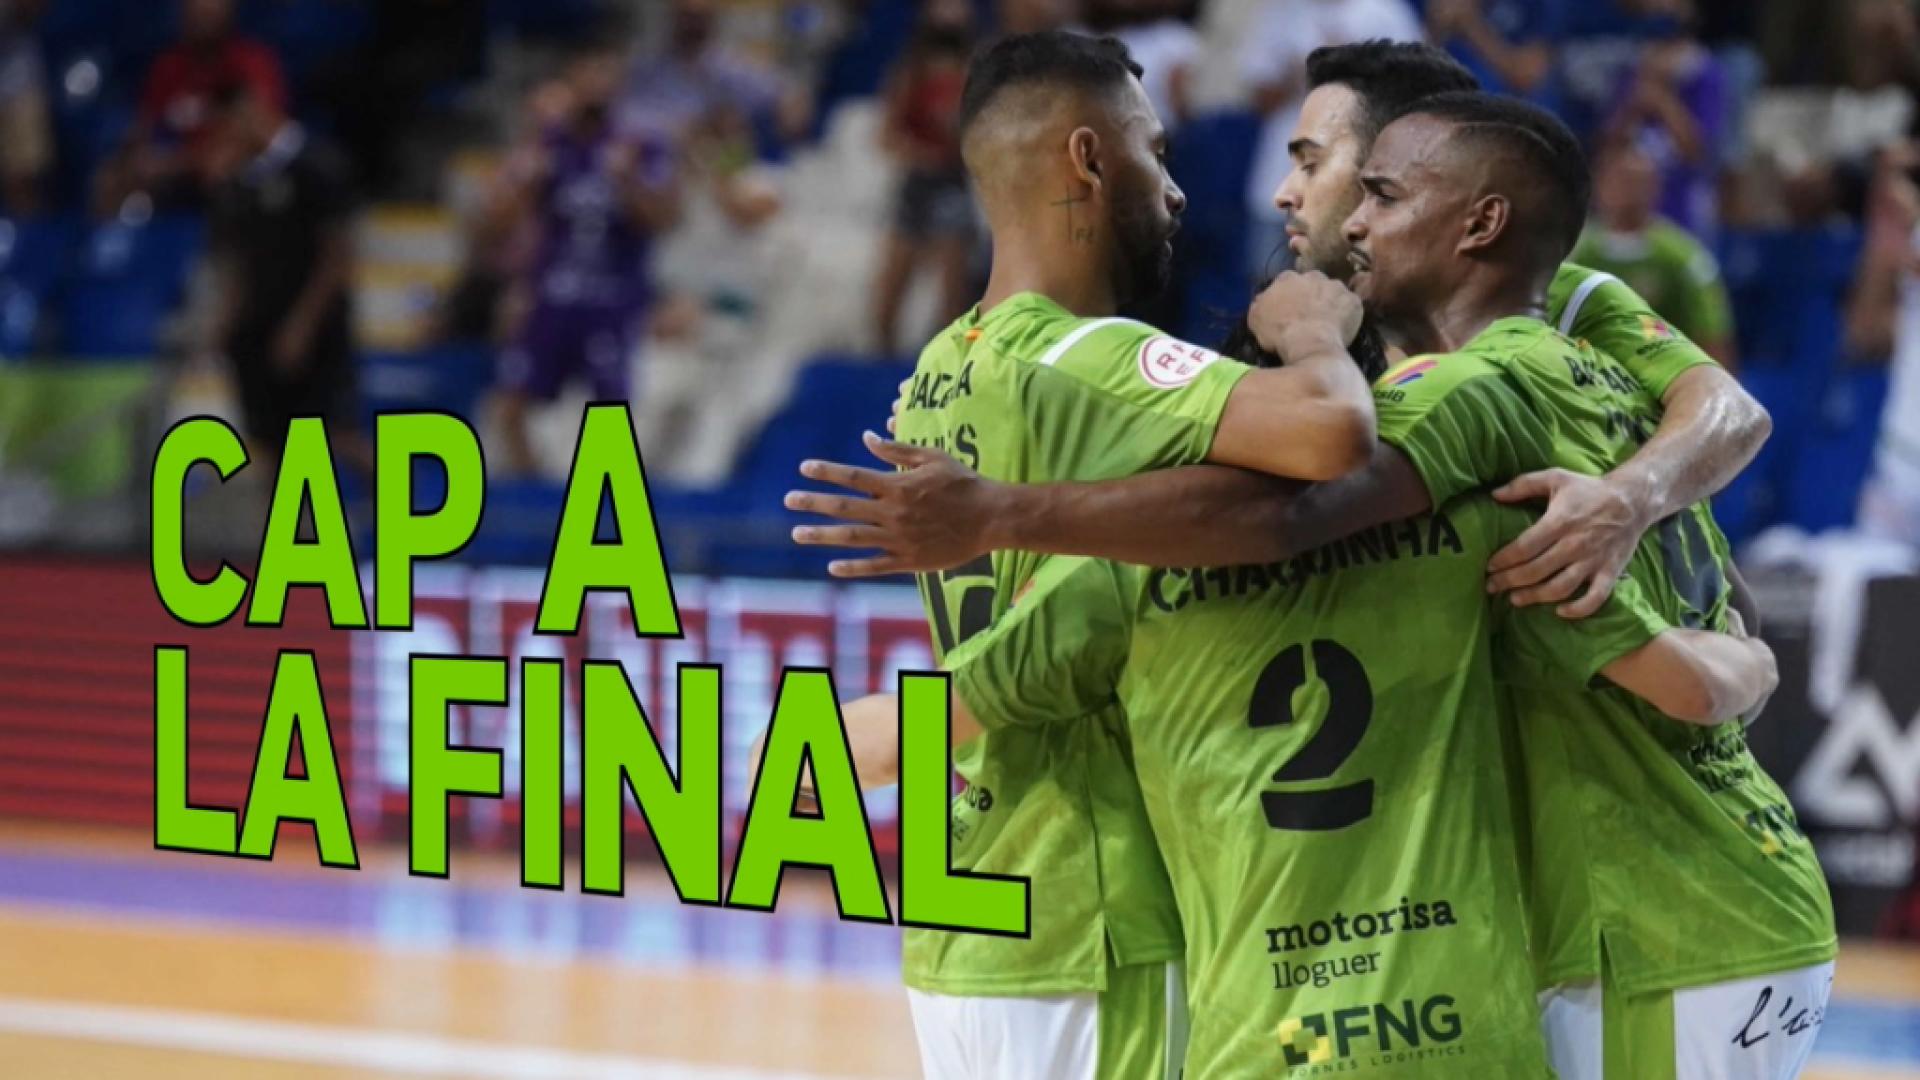 El+Palma+Futsal+disputar%C3%A0+la+final+del+Memorial+Miquel+Jaume